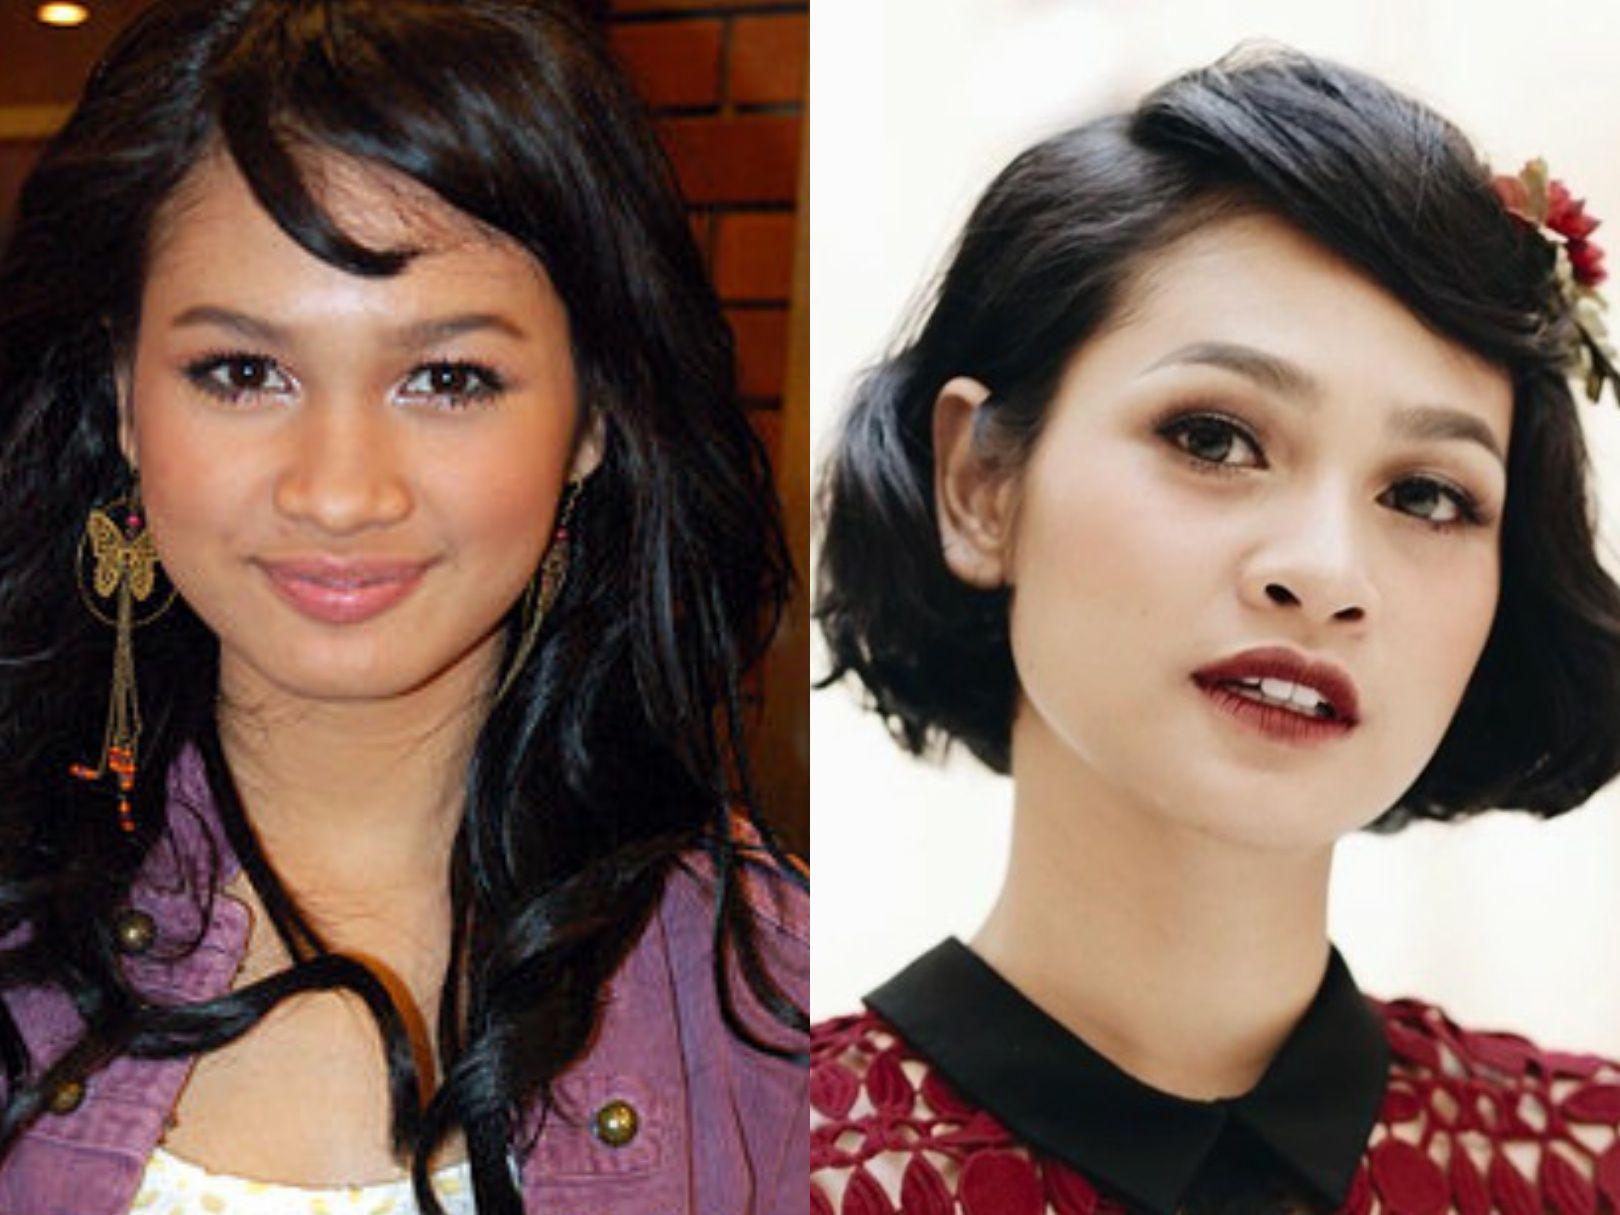 Perbedaan Gaya Makeup Artis Dulu dan Sekarang, Beda Banget!